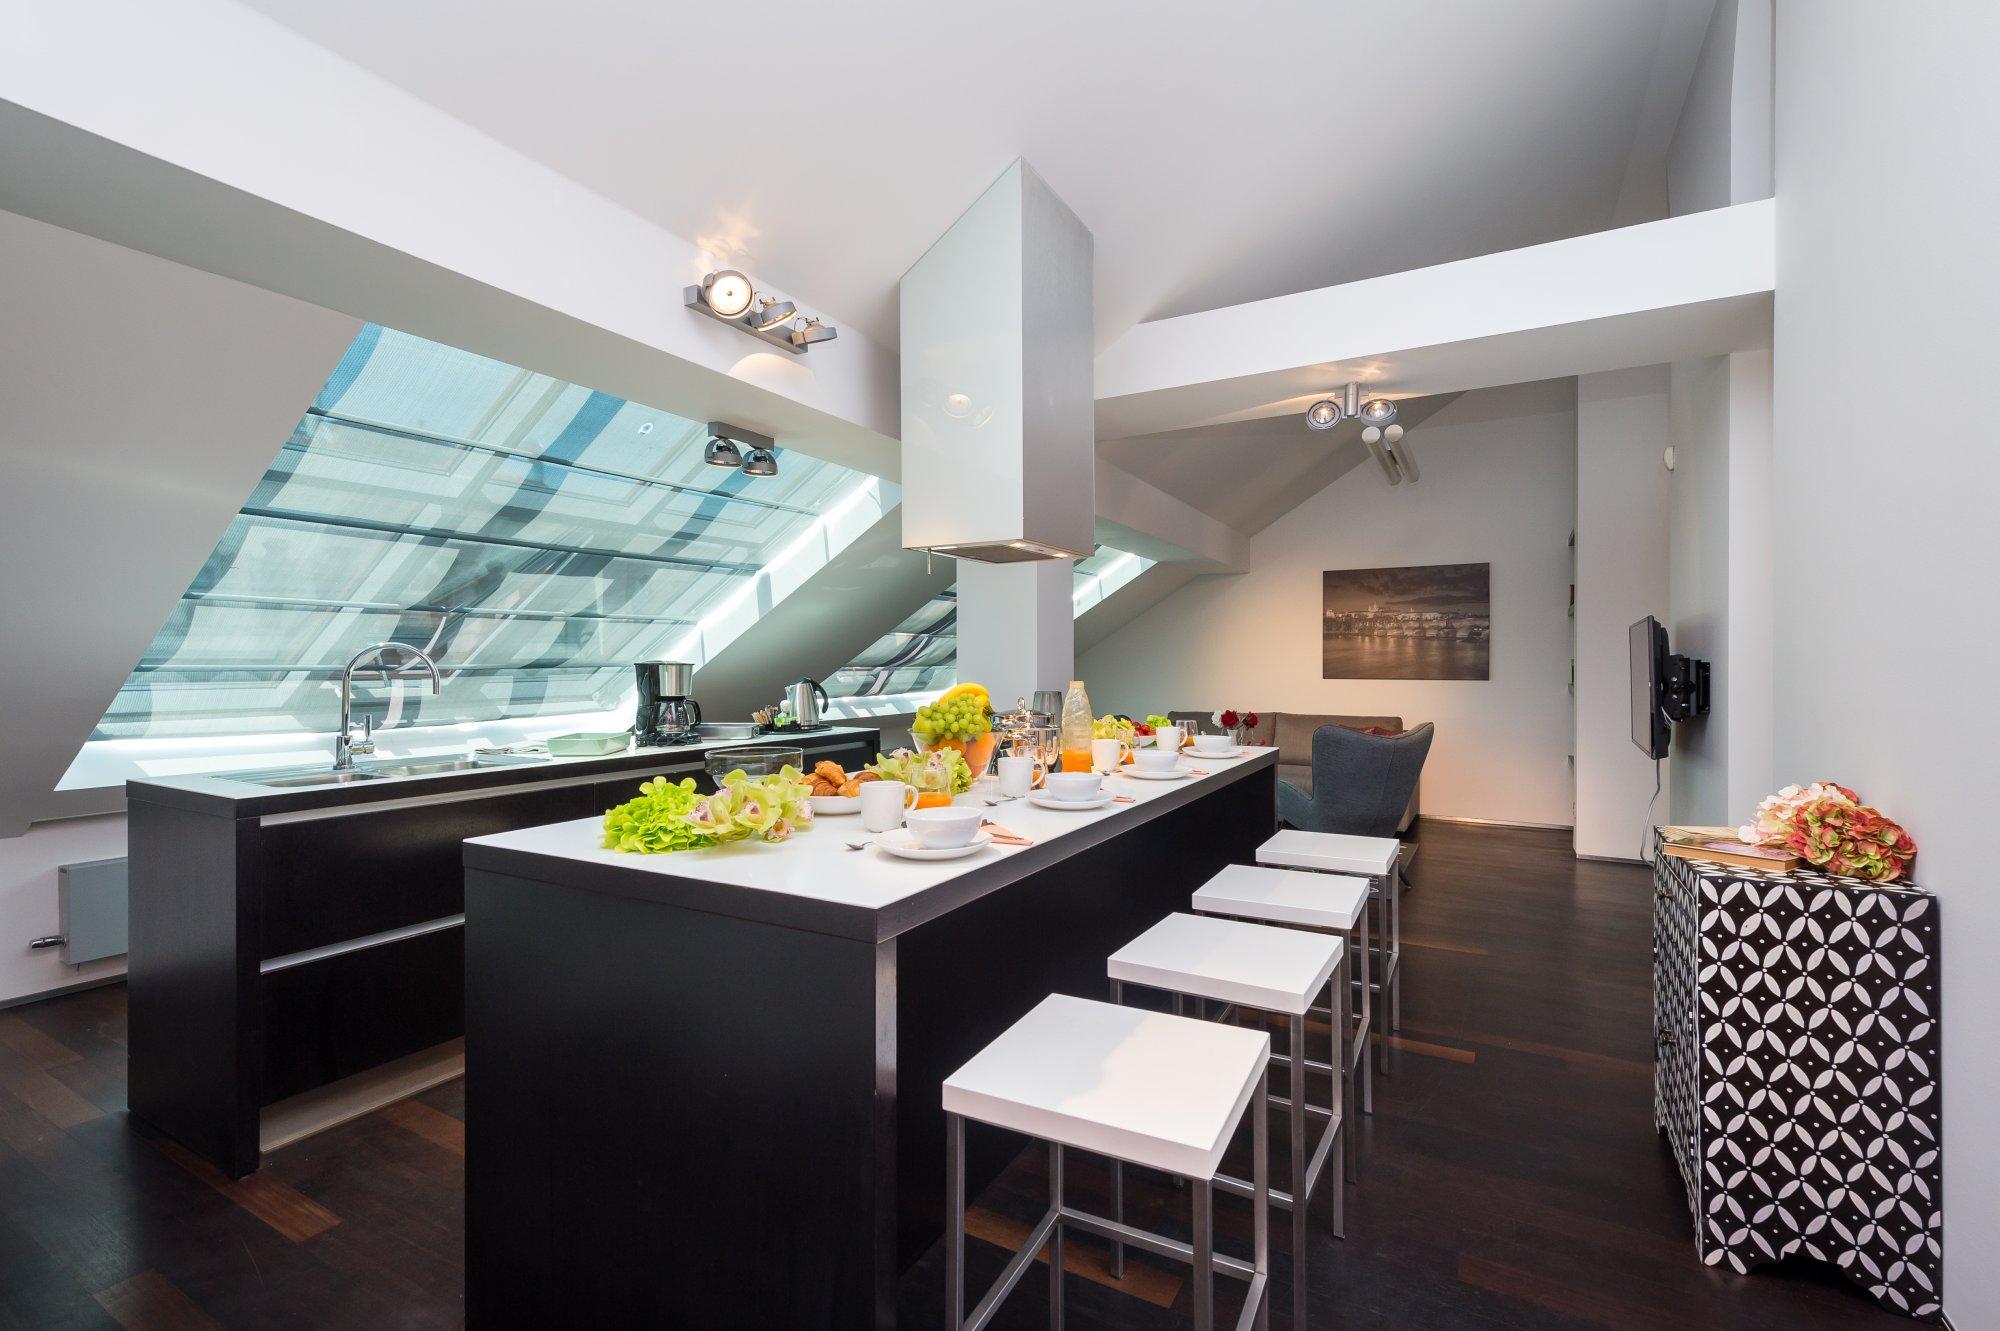 Půdní byt 3+kk, plocha 115 m², ulice Zlatnická, Praha 1 - Nové Město | 1